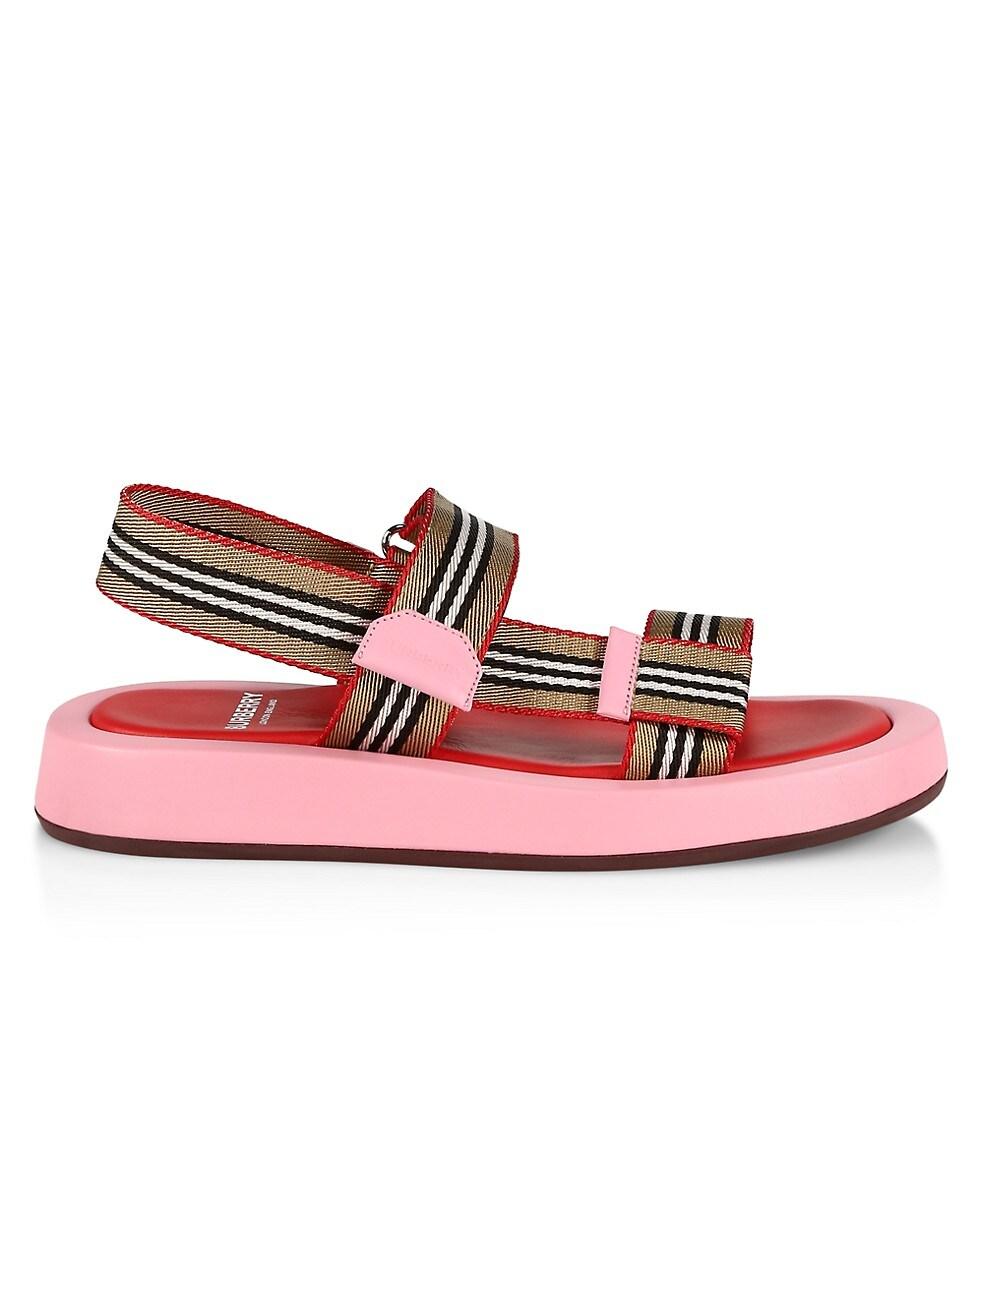 Burberry Stripe Flat Sandals